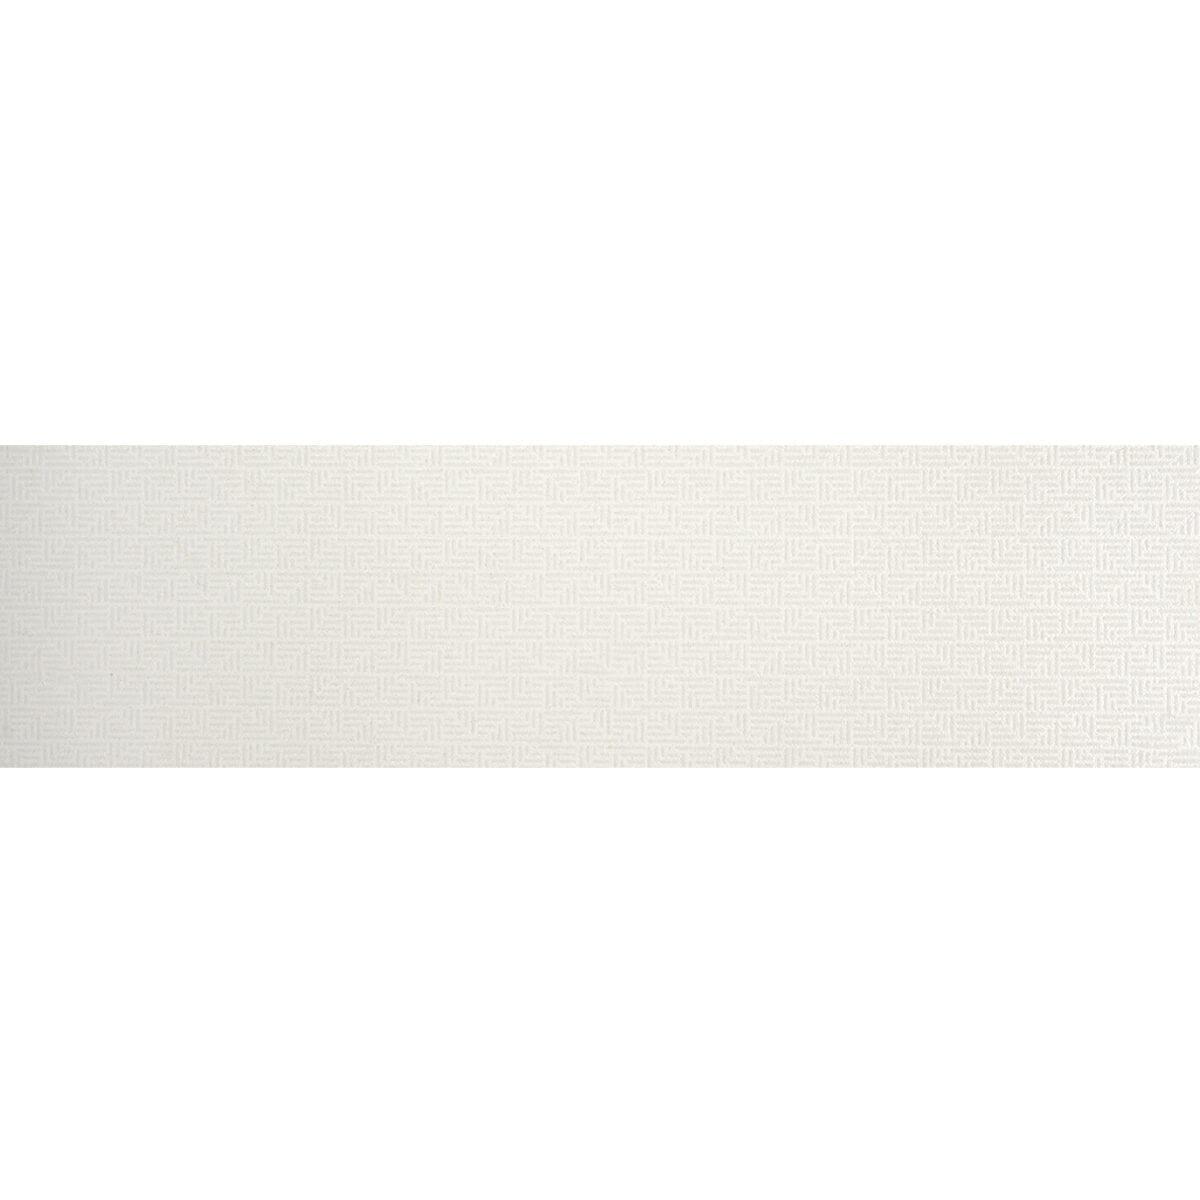 Trinity White Lux Lappato 9x36 T10451